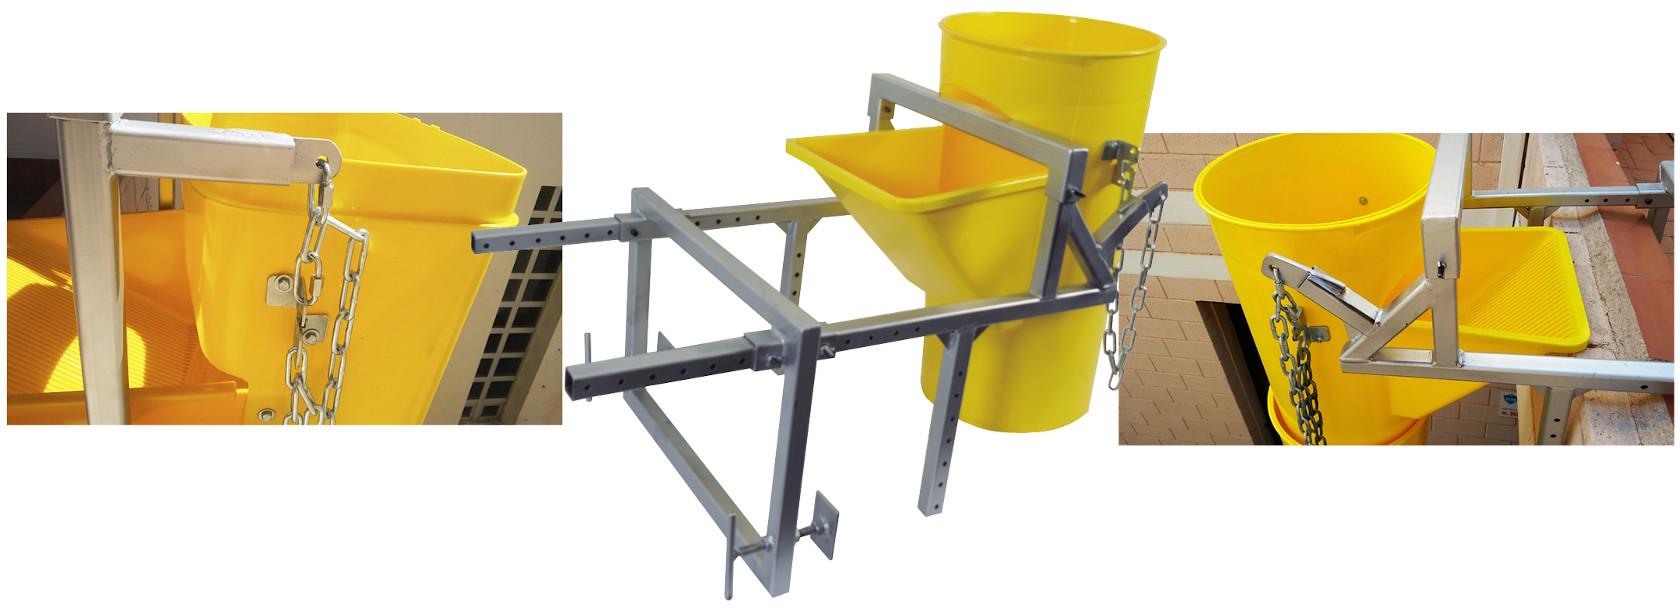 Befestigungsklammern zur Montage einer Säule von Schmutzabläufen auf einer Baustelle